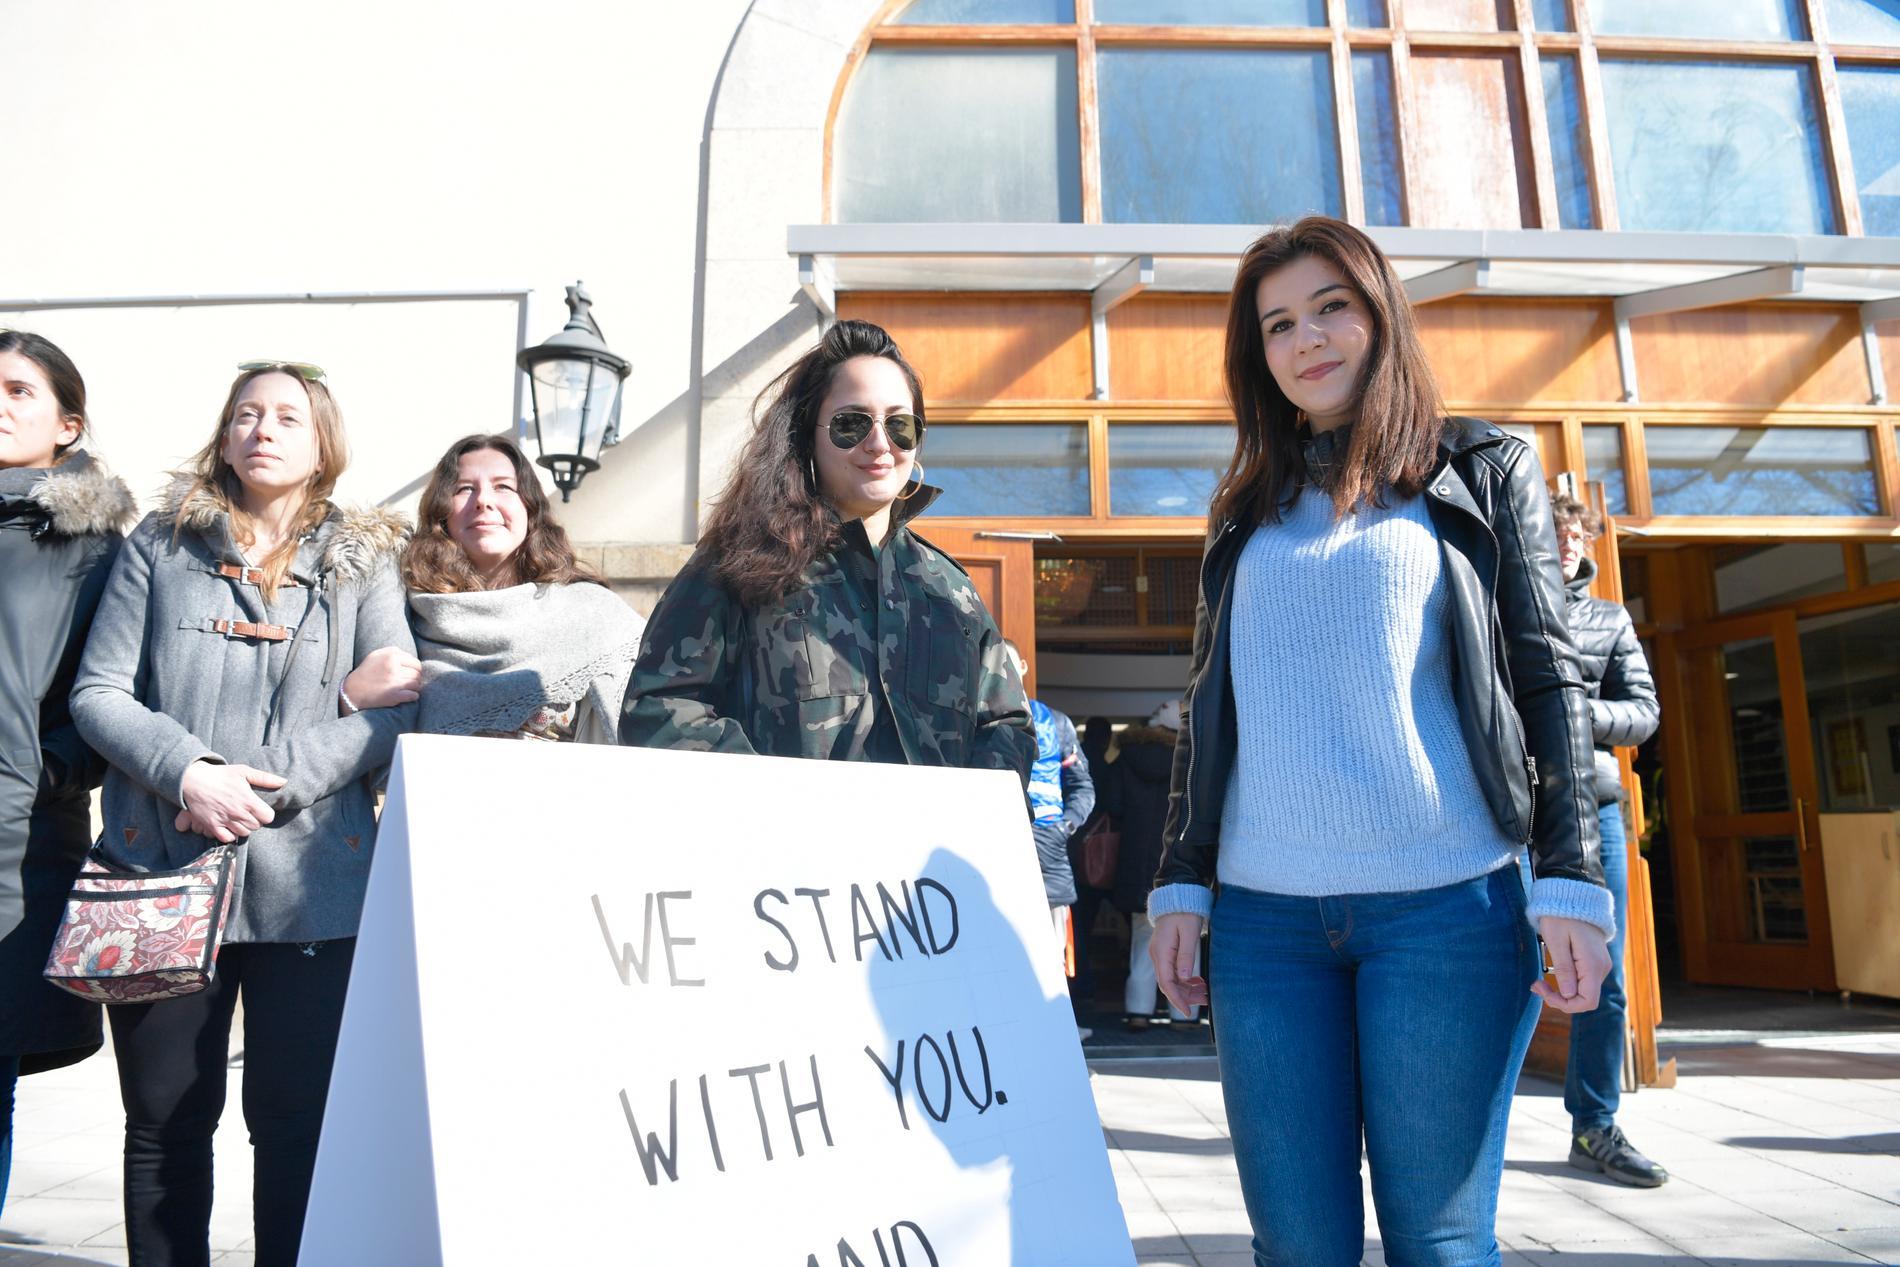 Linn Ahlbom, Fia Nerelius, Odessa Fardipour och Munube Kaya stod utanför moskén.